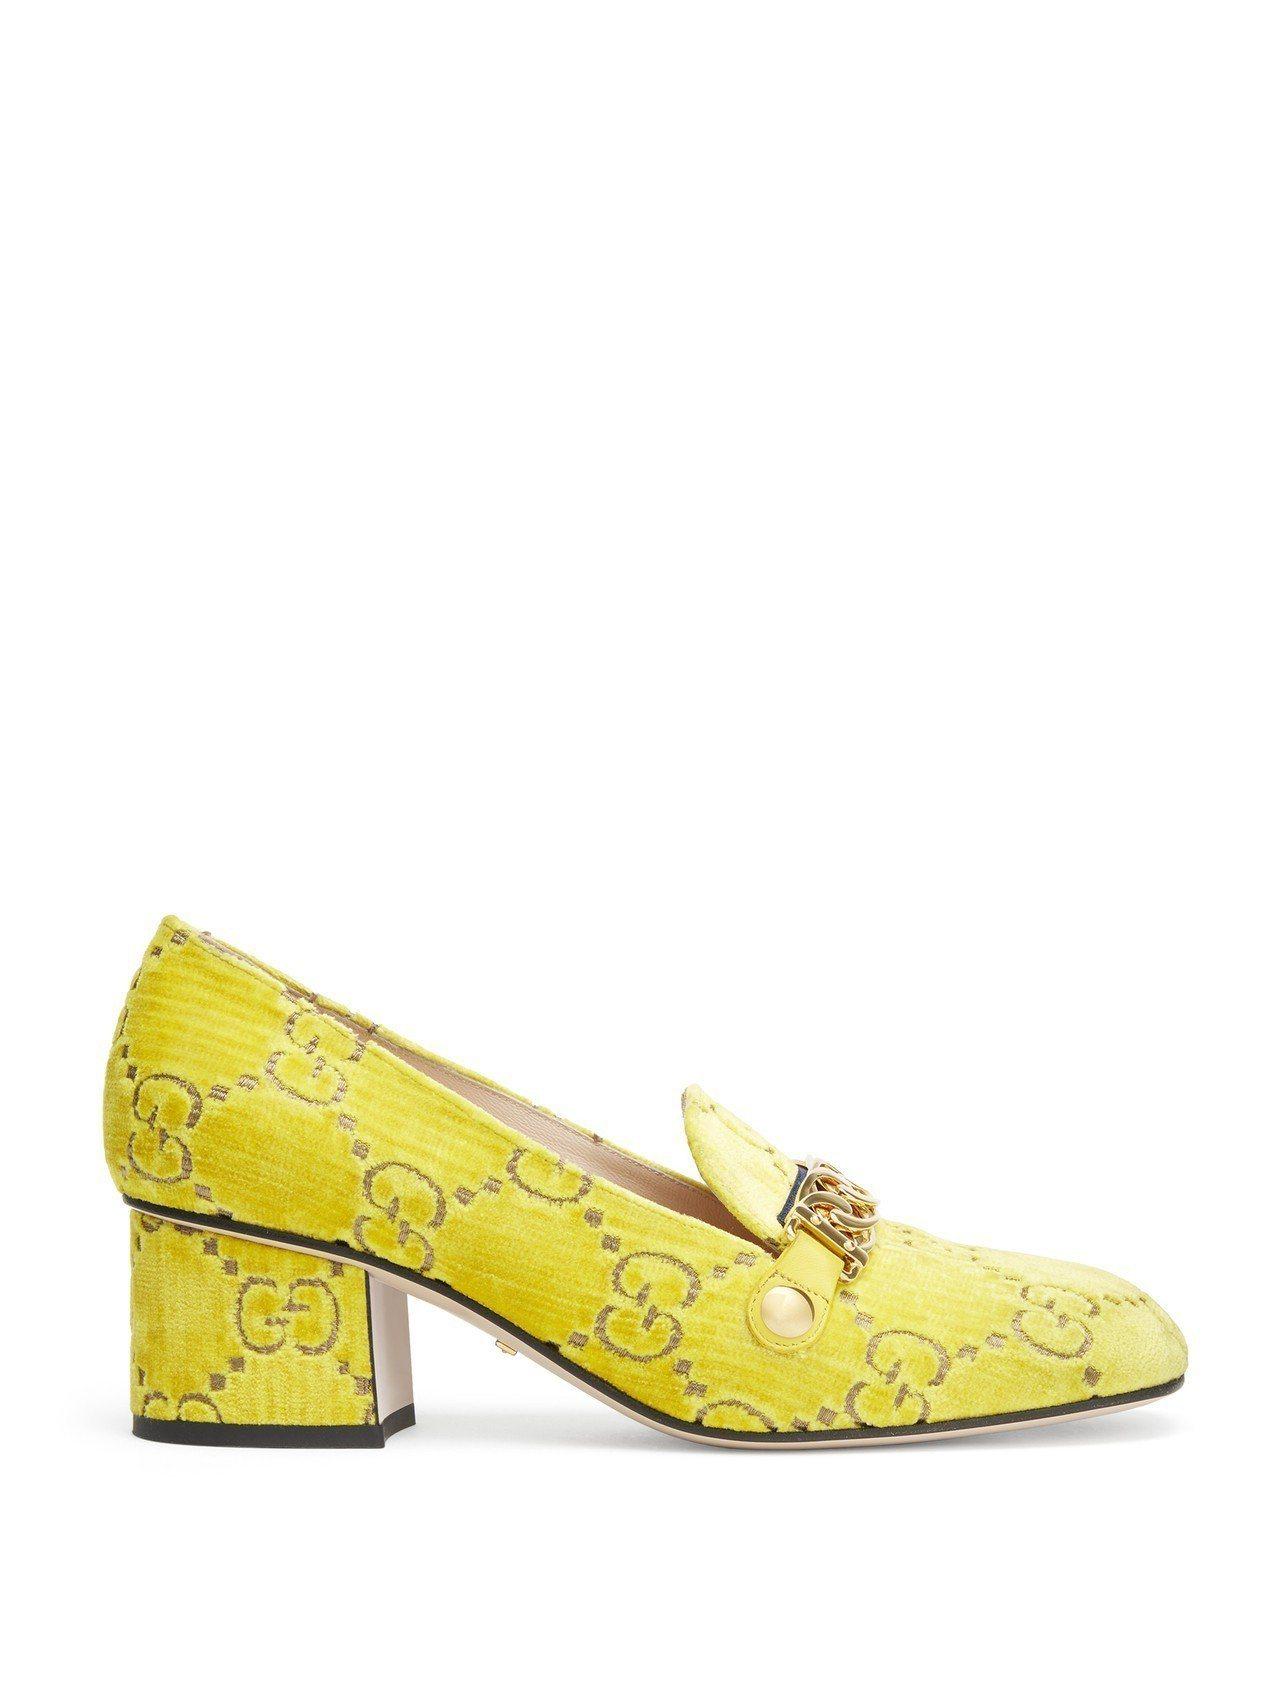 Gucci人氣商品Sylvie GG中跟鞋,以絨面黃底雙G Logo搭配金屬扣飾...